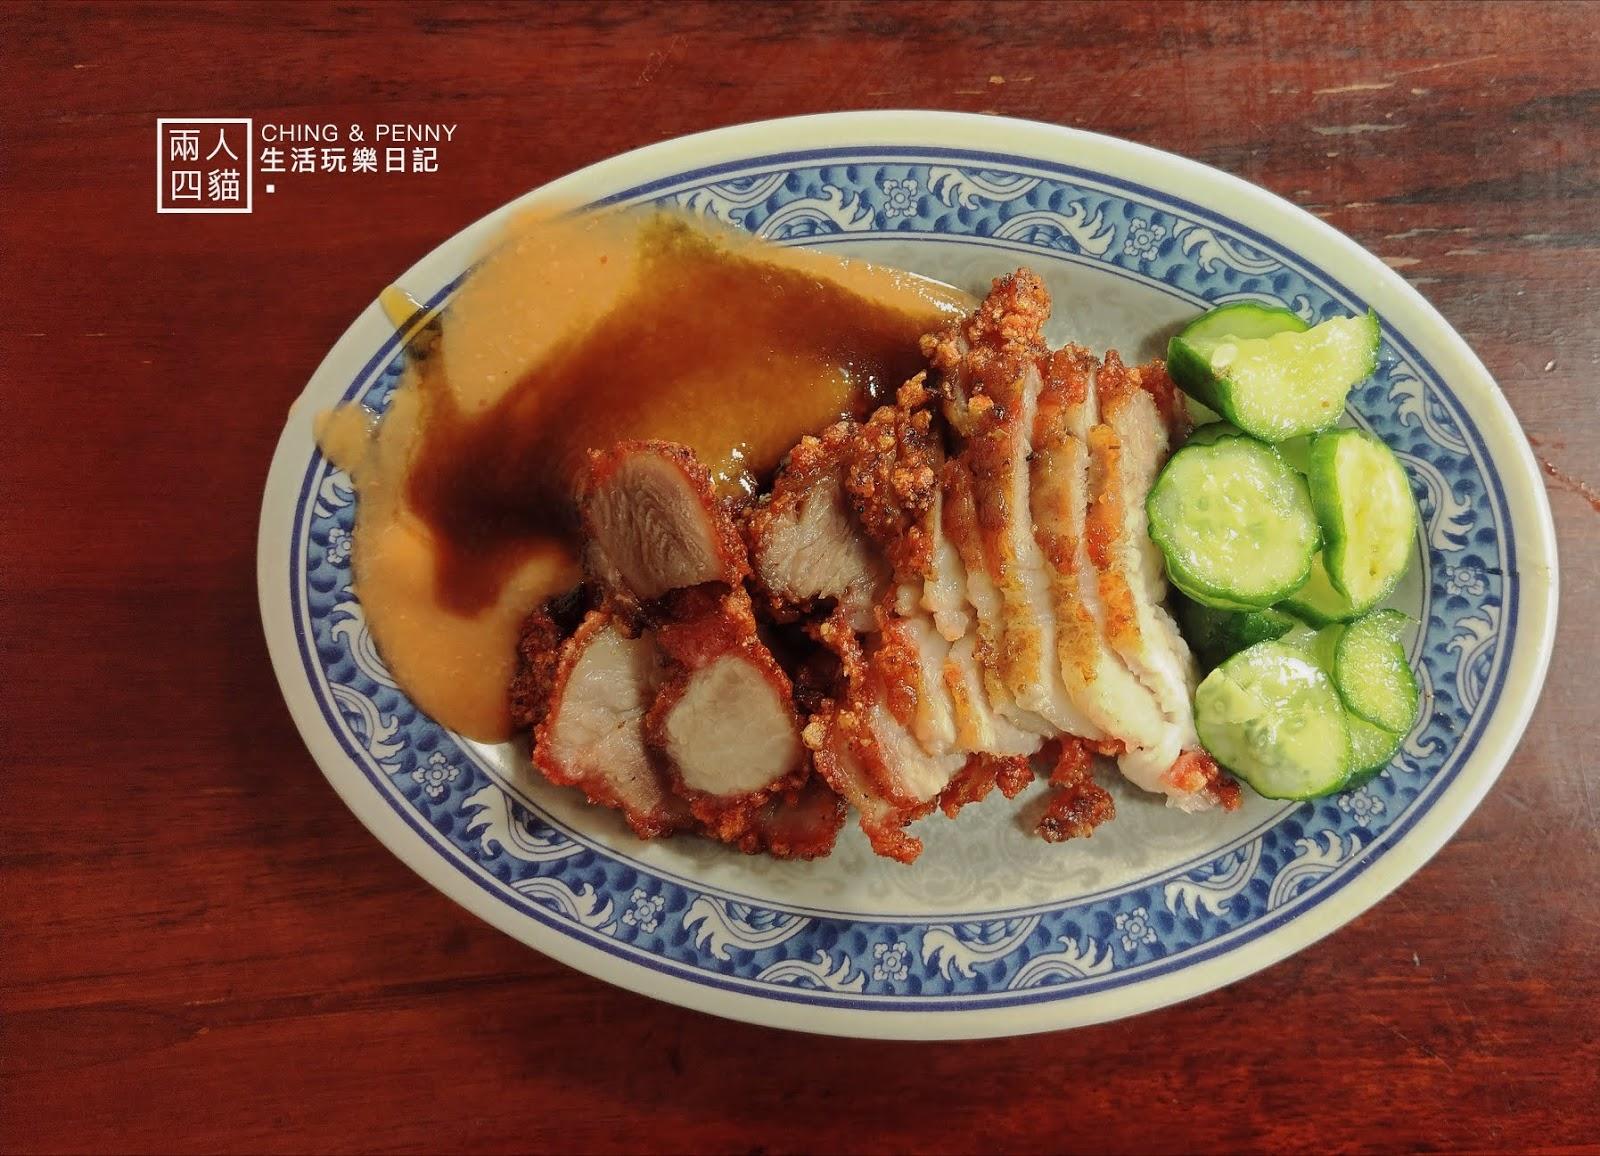 【板橋 美食】再晚肚子餓都不怕!板橋埔墘中山路必吃「香菇肉粥‧滷肉飯」超好吃雞肉飯跟紅燒肉底加!#老板橋